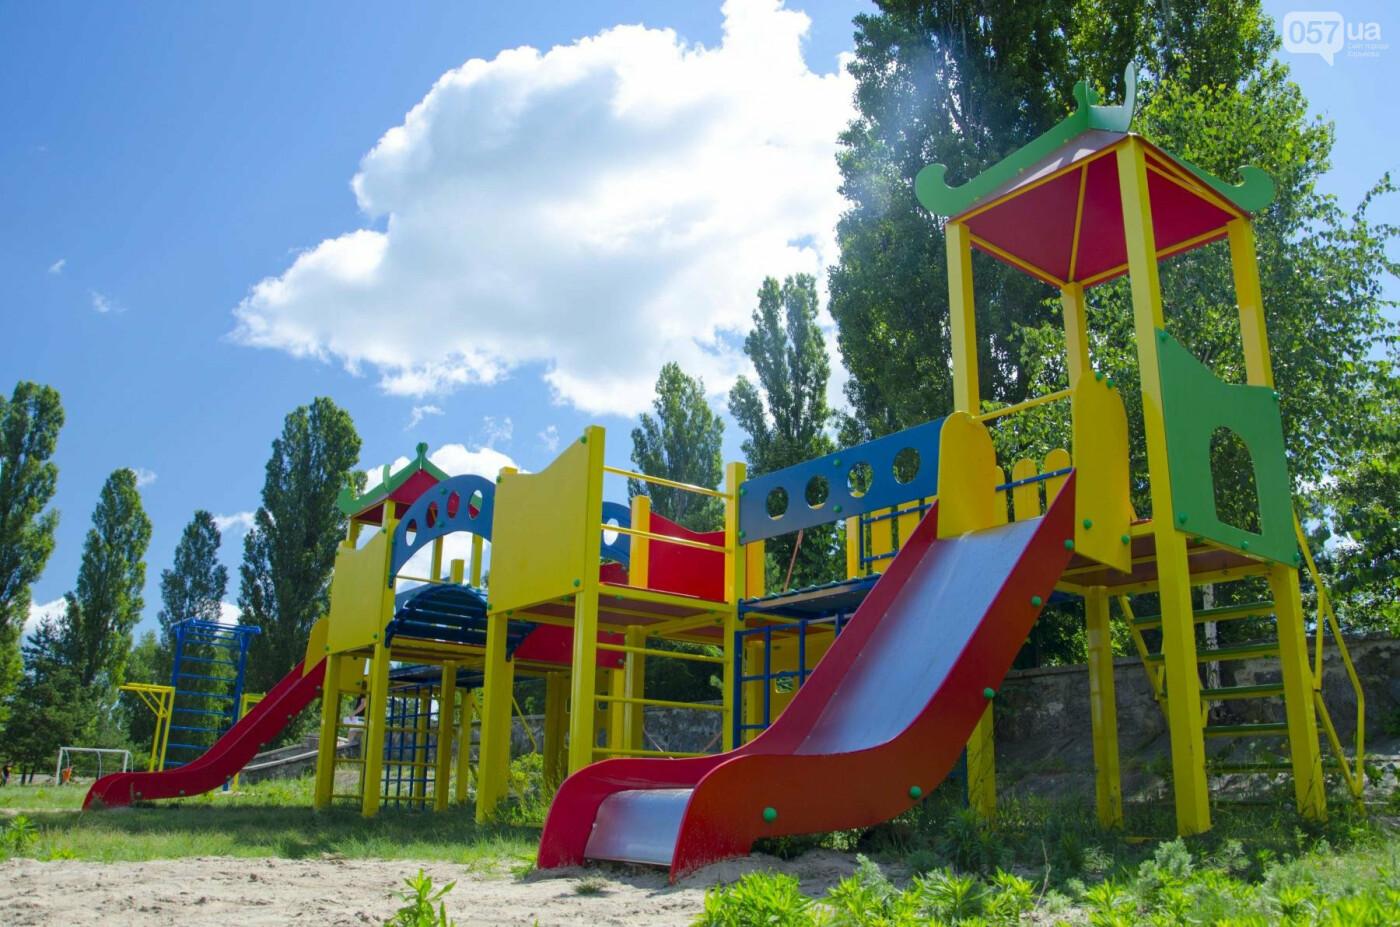 Отдых за городом в Харькове:  туры из Харькова, базы отдыха, пансионаты, отдых возле водоема, фото-57